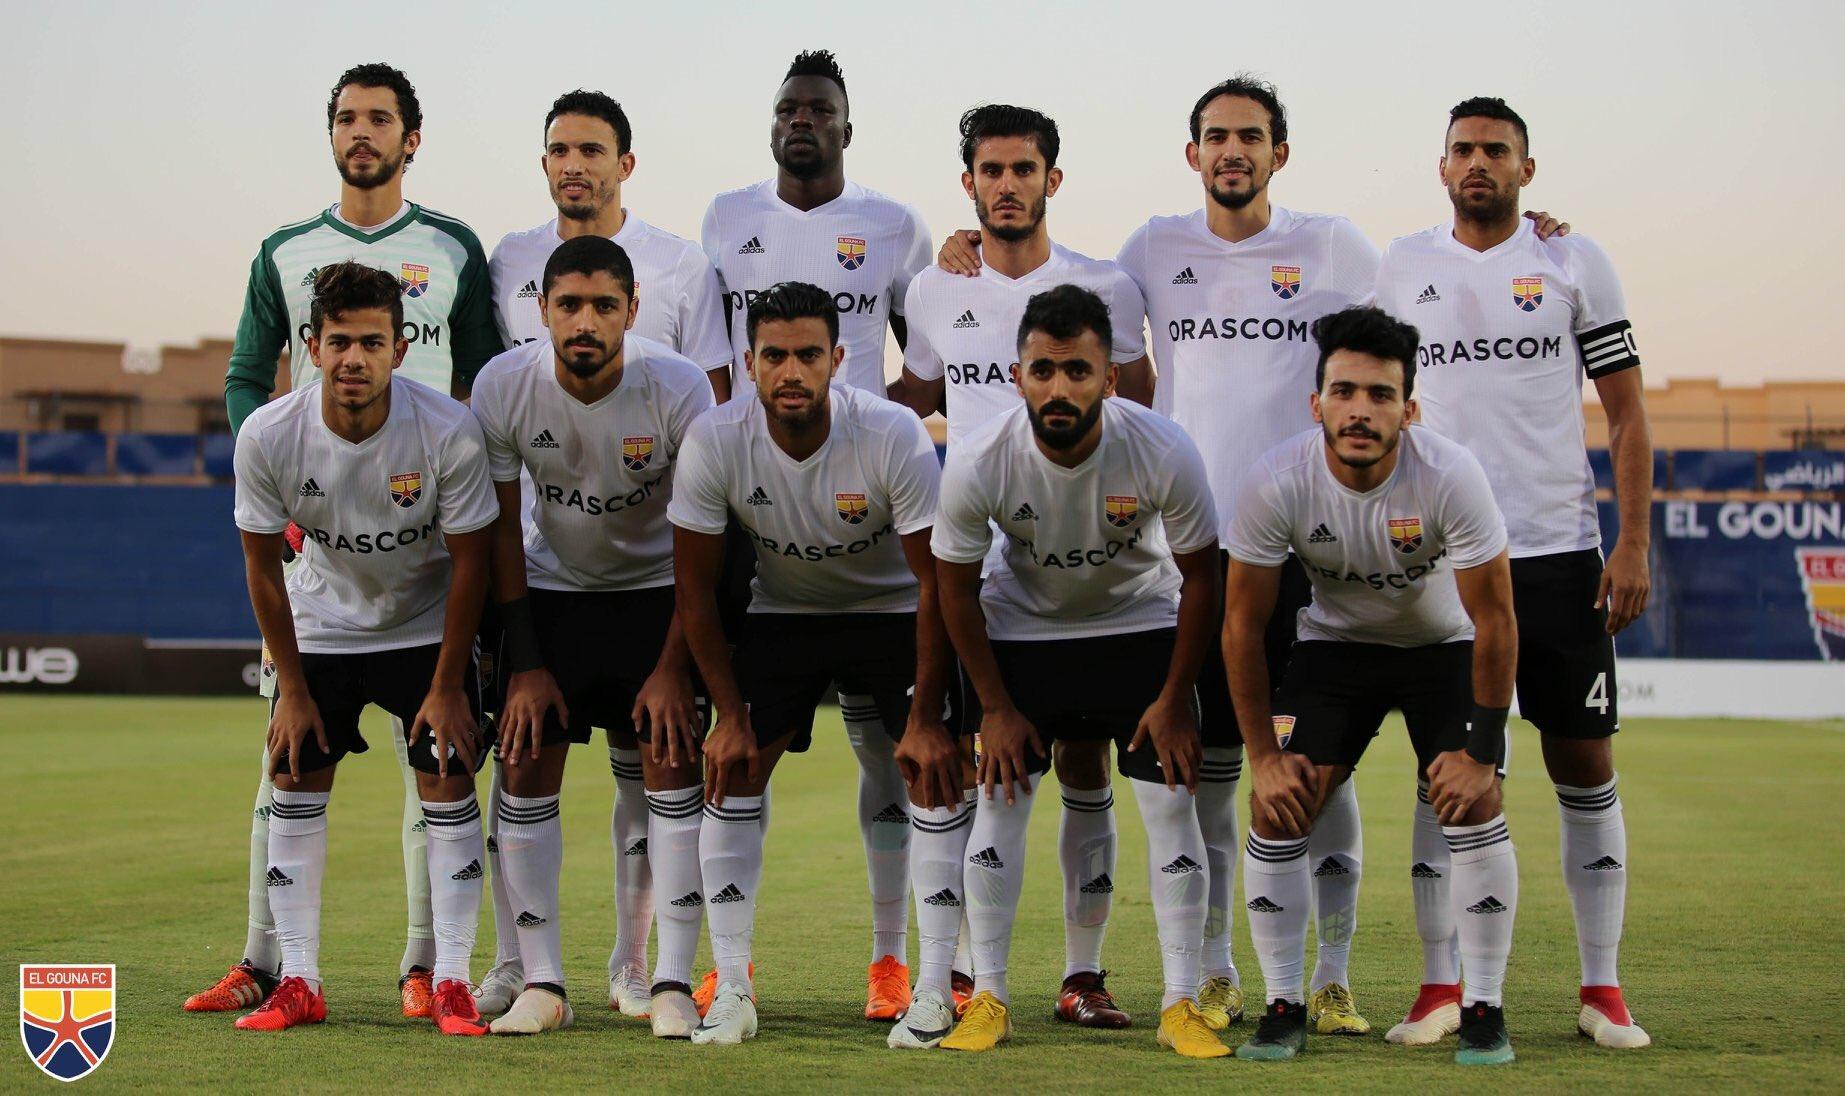 El Gouna FC - #TheGouniesAtHome 🏡 on Twitter: